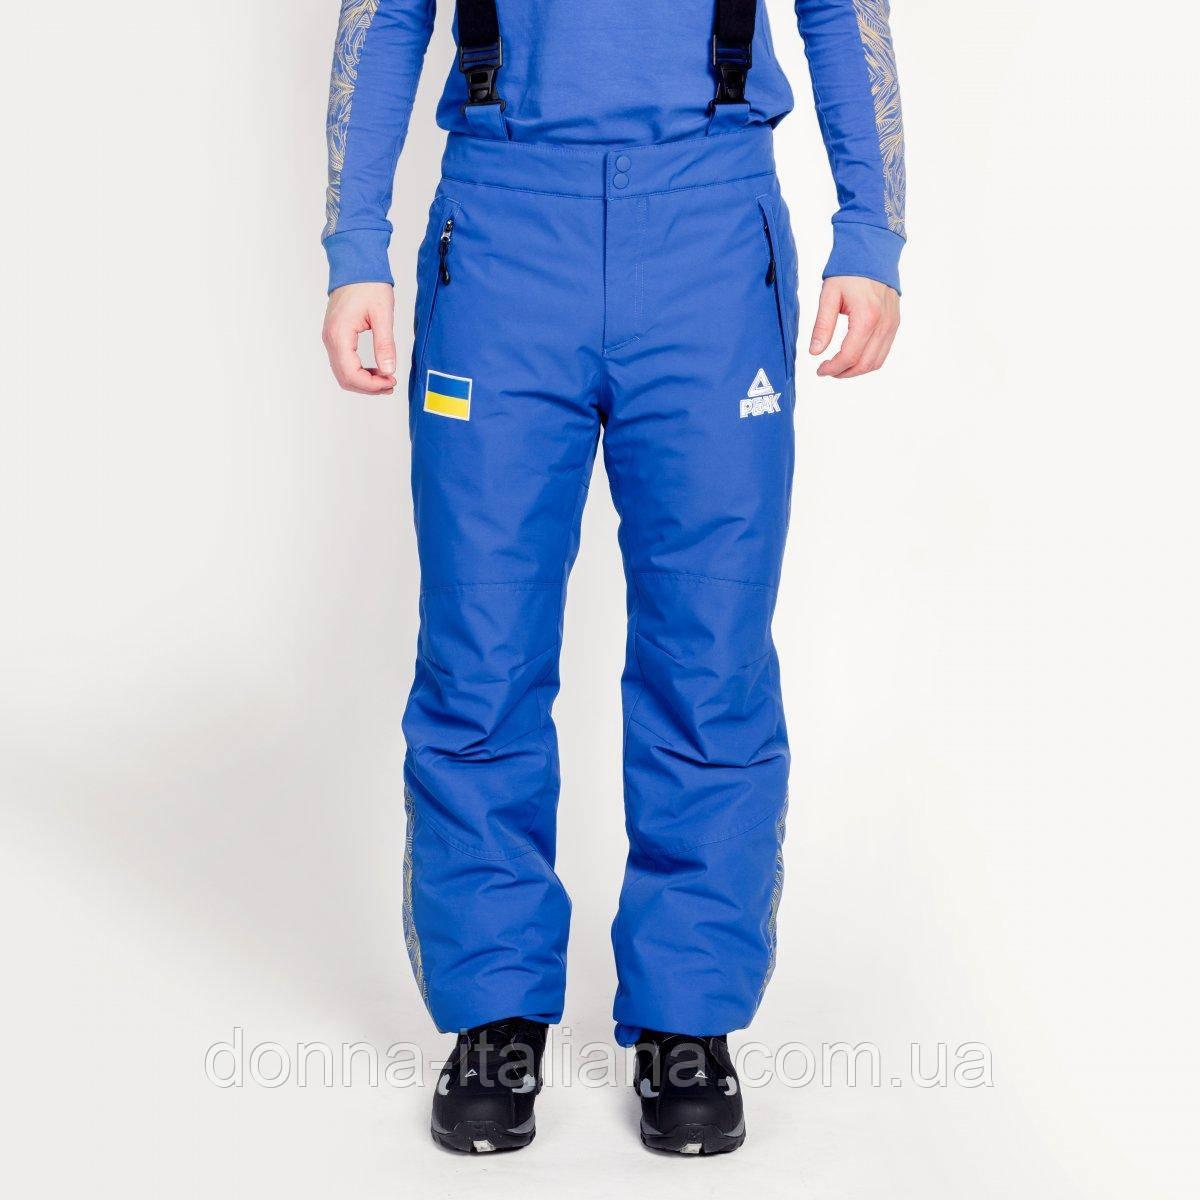 Штани лижні чоловічі Peak FS-UM1808-BLU XS Блакитний (2000132389019)